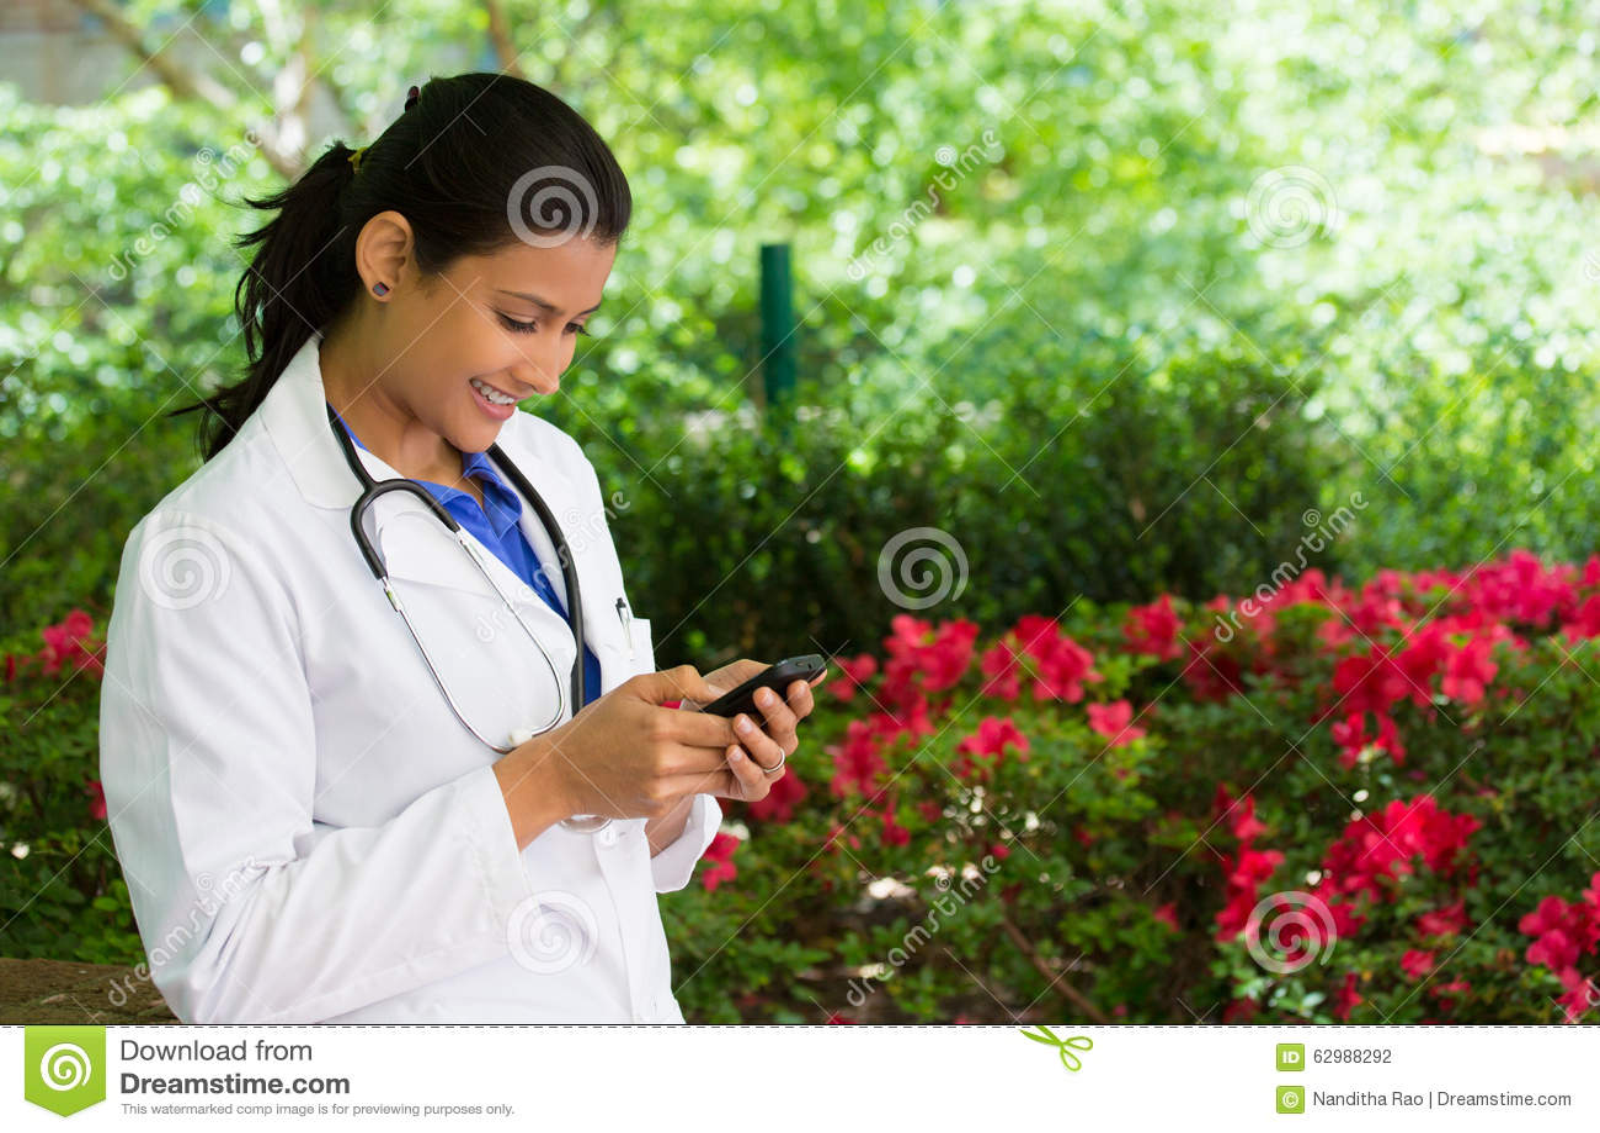 卫生业职员发短信